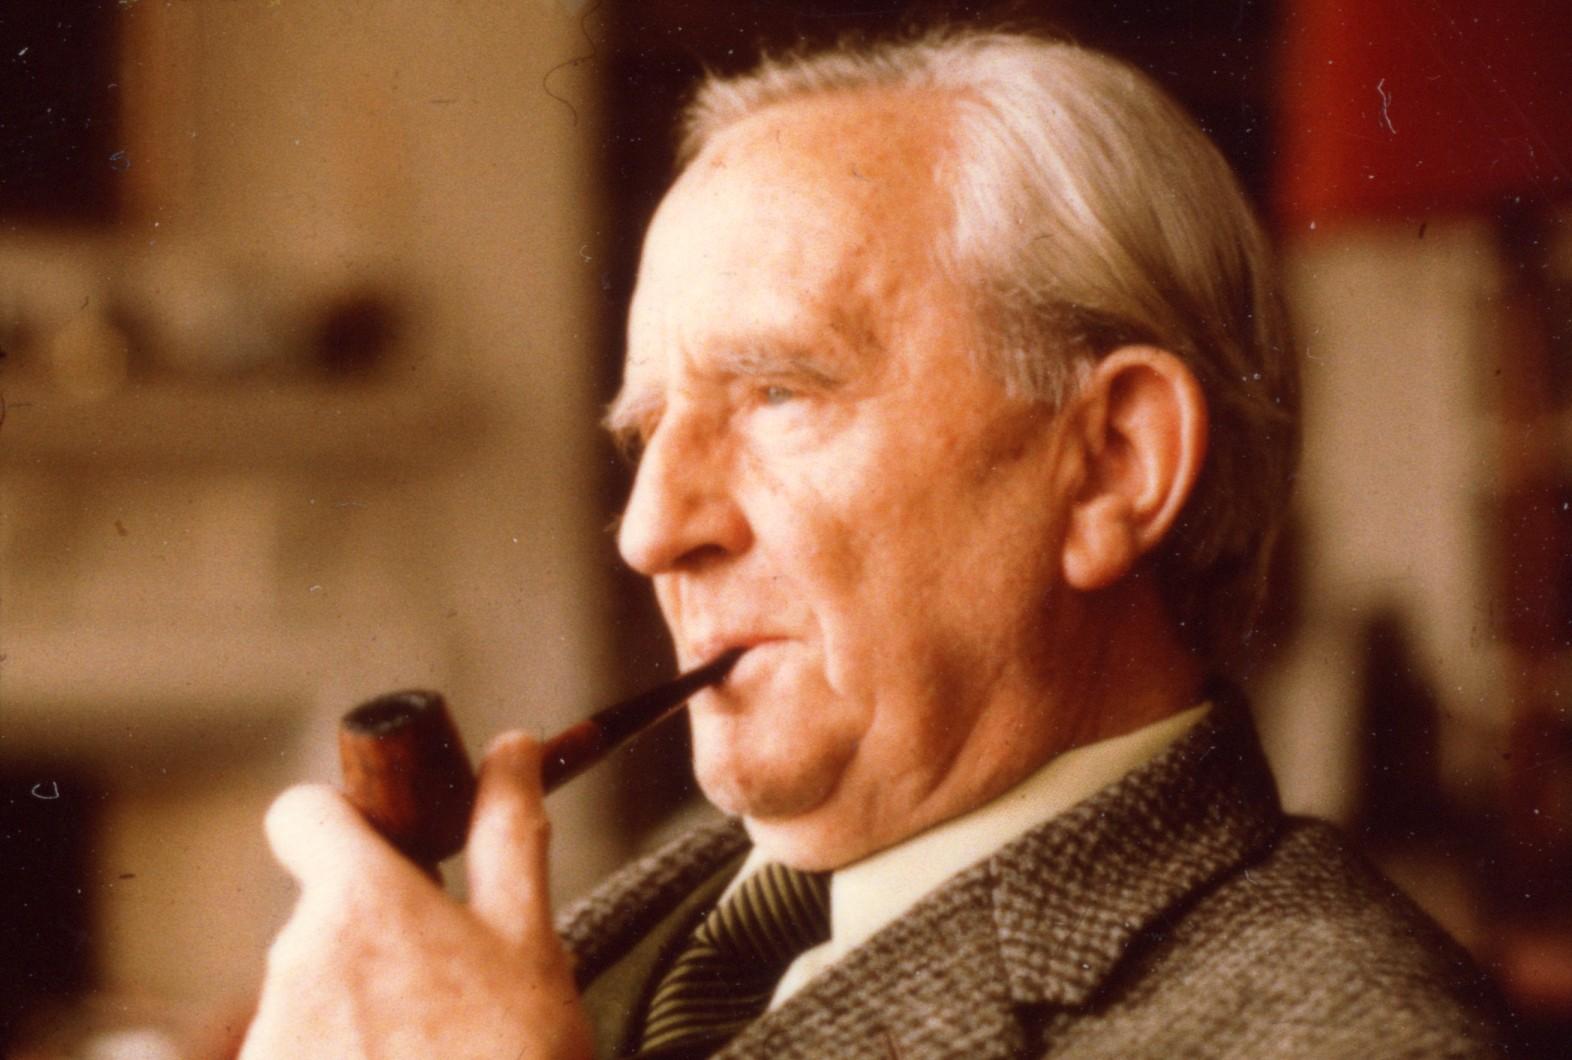 1954-55 arasında yayımladığı Yüzüklerin Efendisi üçlemesiyle ünlenen İngiliz romancı ve bilim insanı John Ronald Reuel Tolkien tarihte bugün